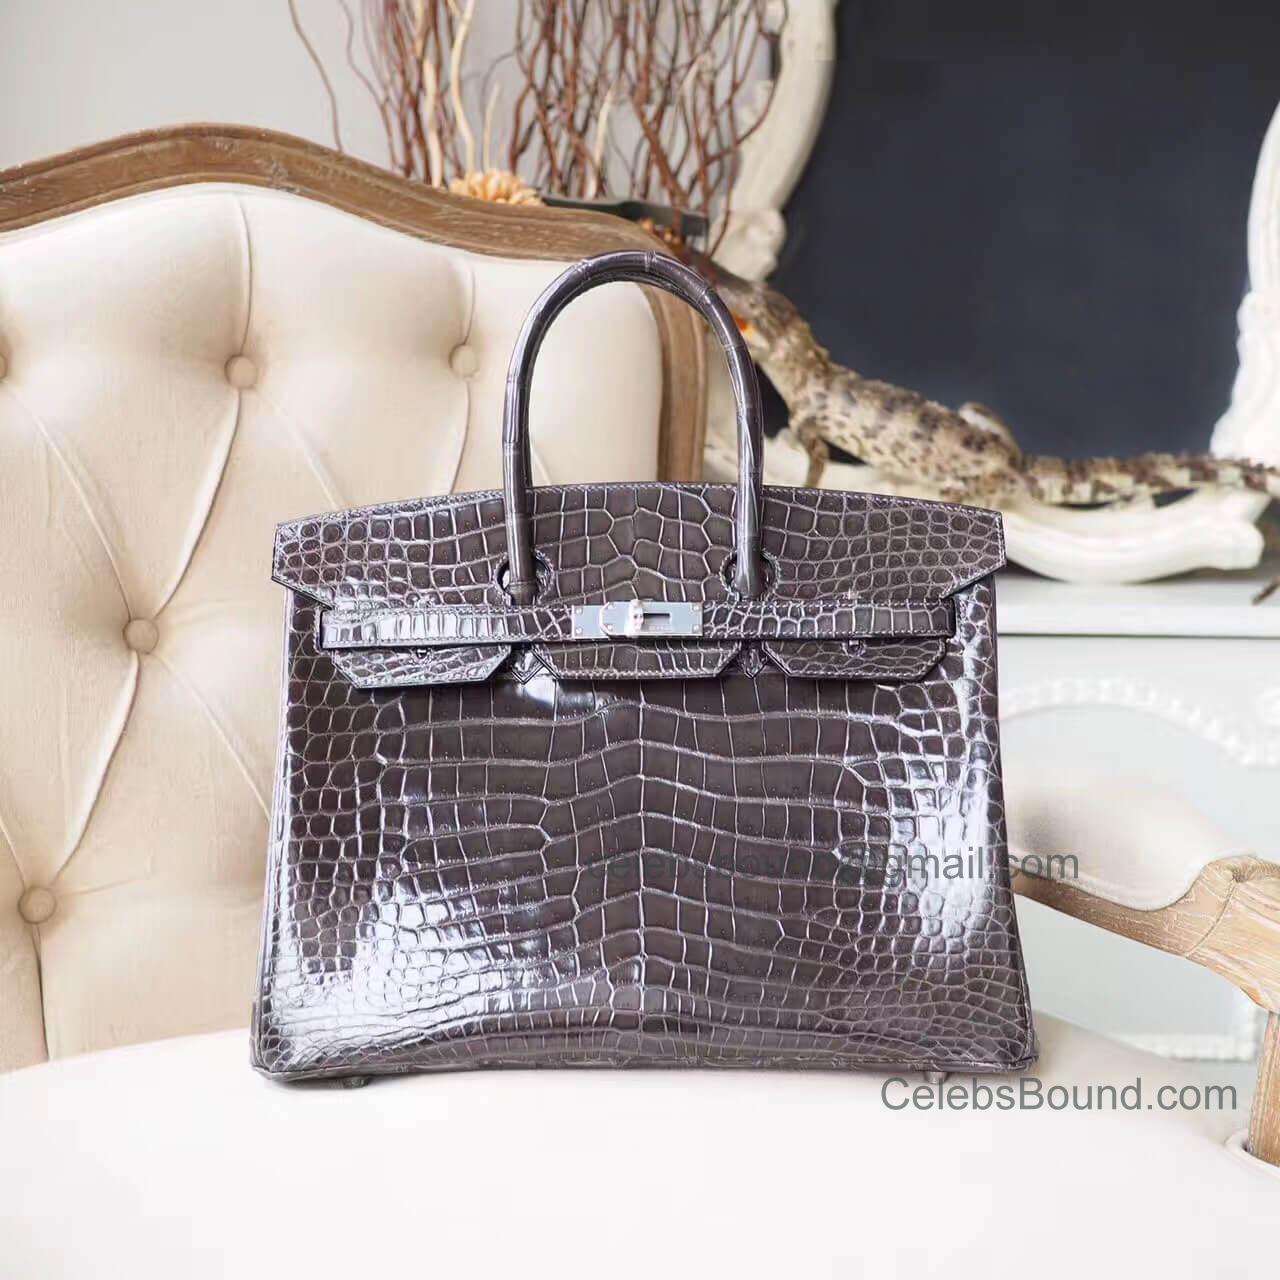 96629fcba4d5 Copy Hermes Birkin 35 Bag in cc88 Graphite Shiny Porosus Croc PHW -